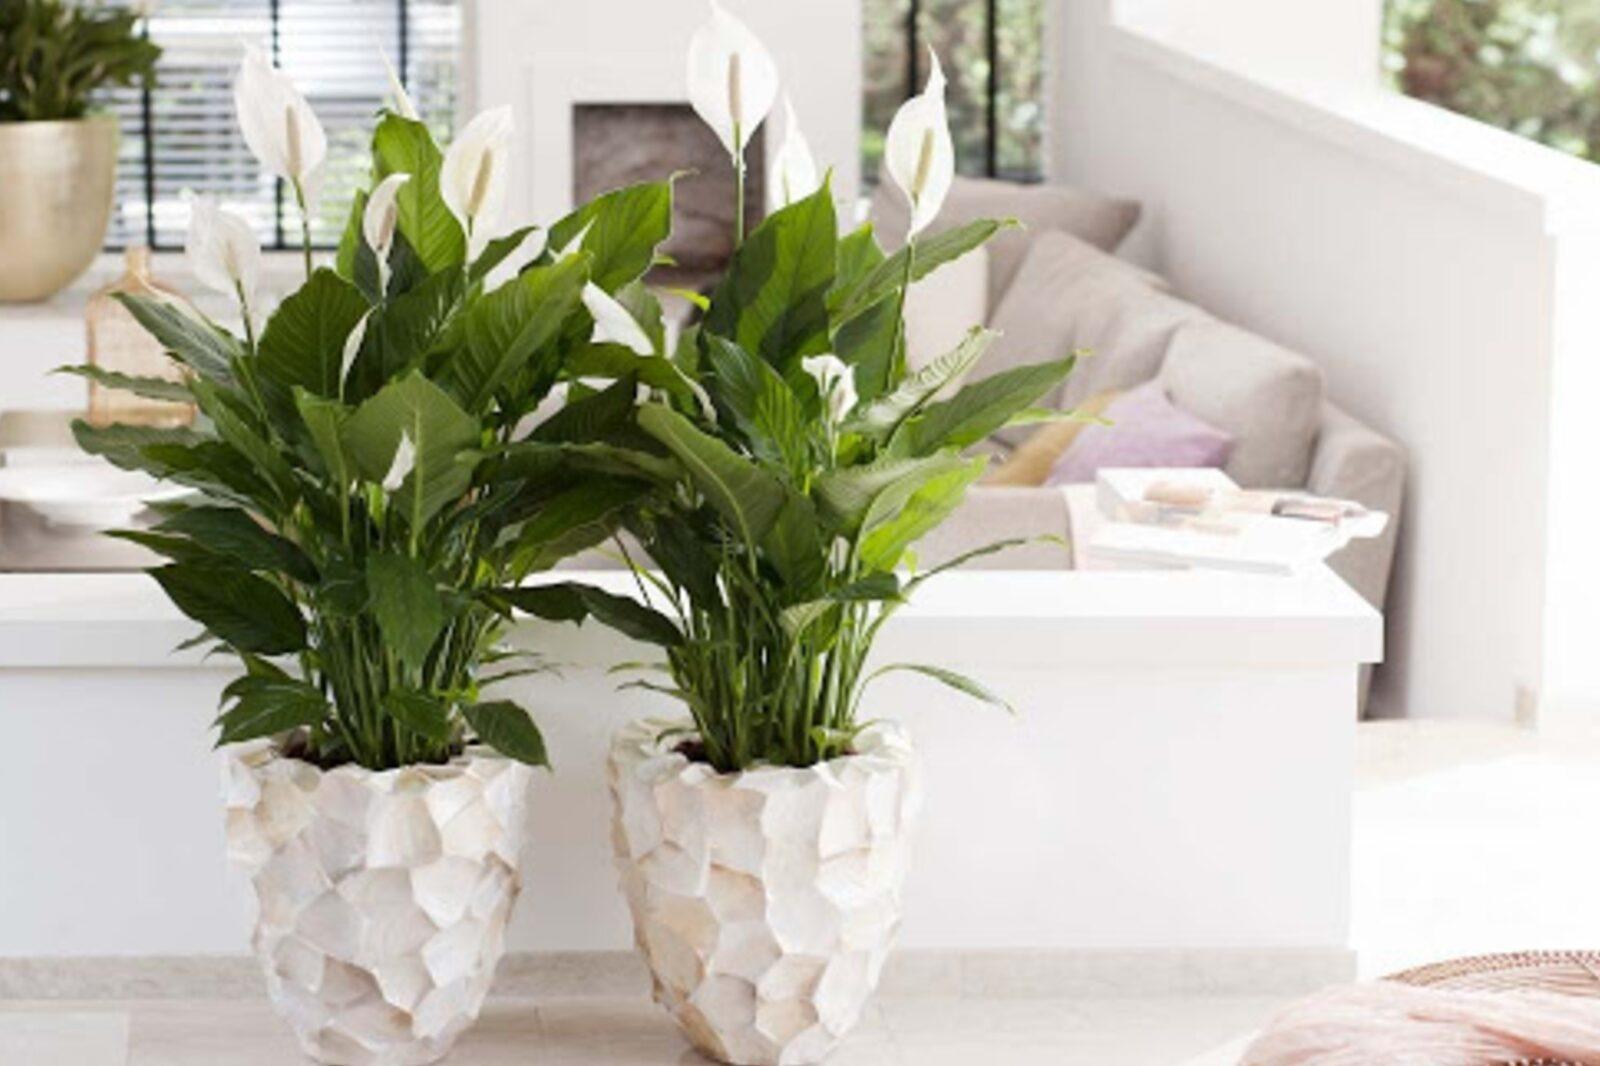 Piante da interni che depurano l'aria in casa: ecco le ...